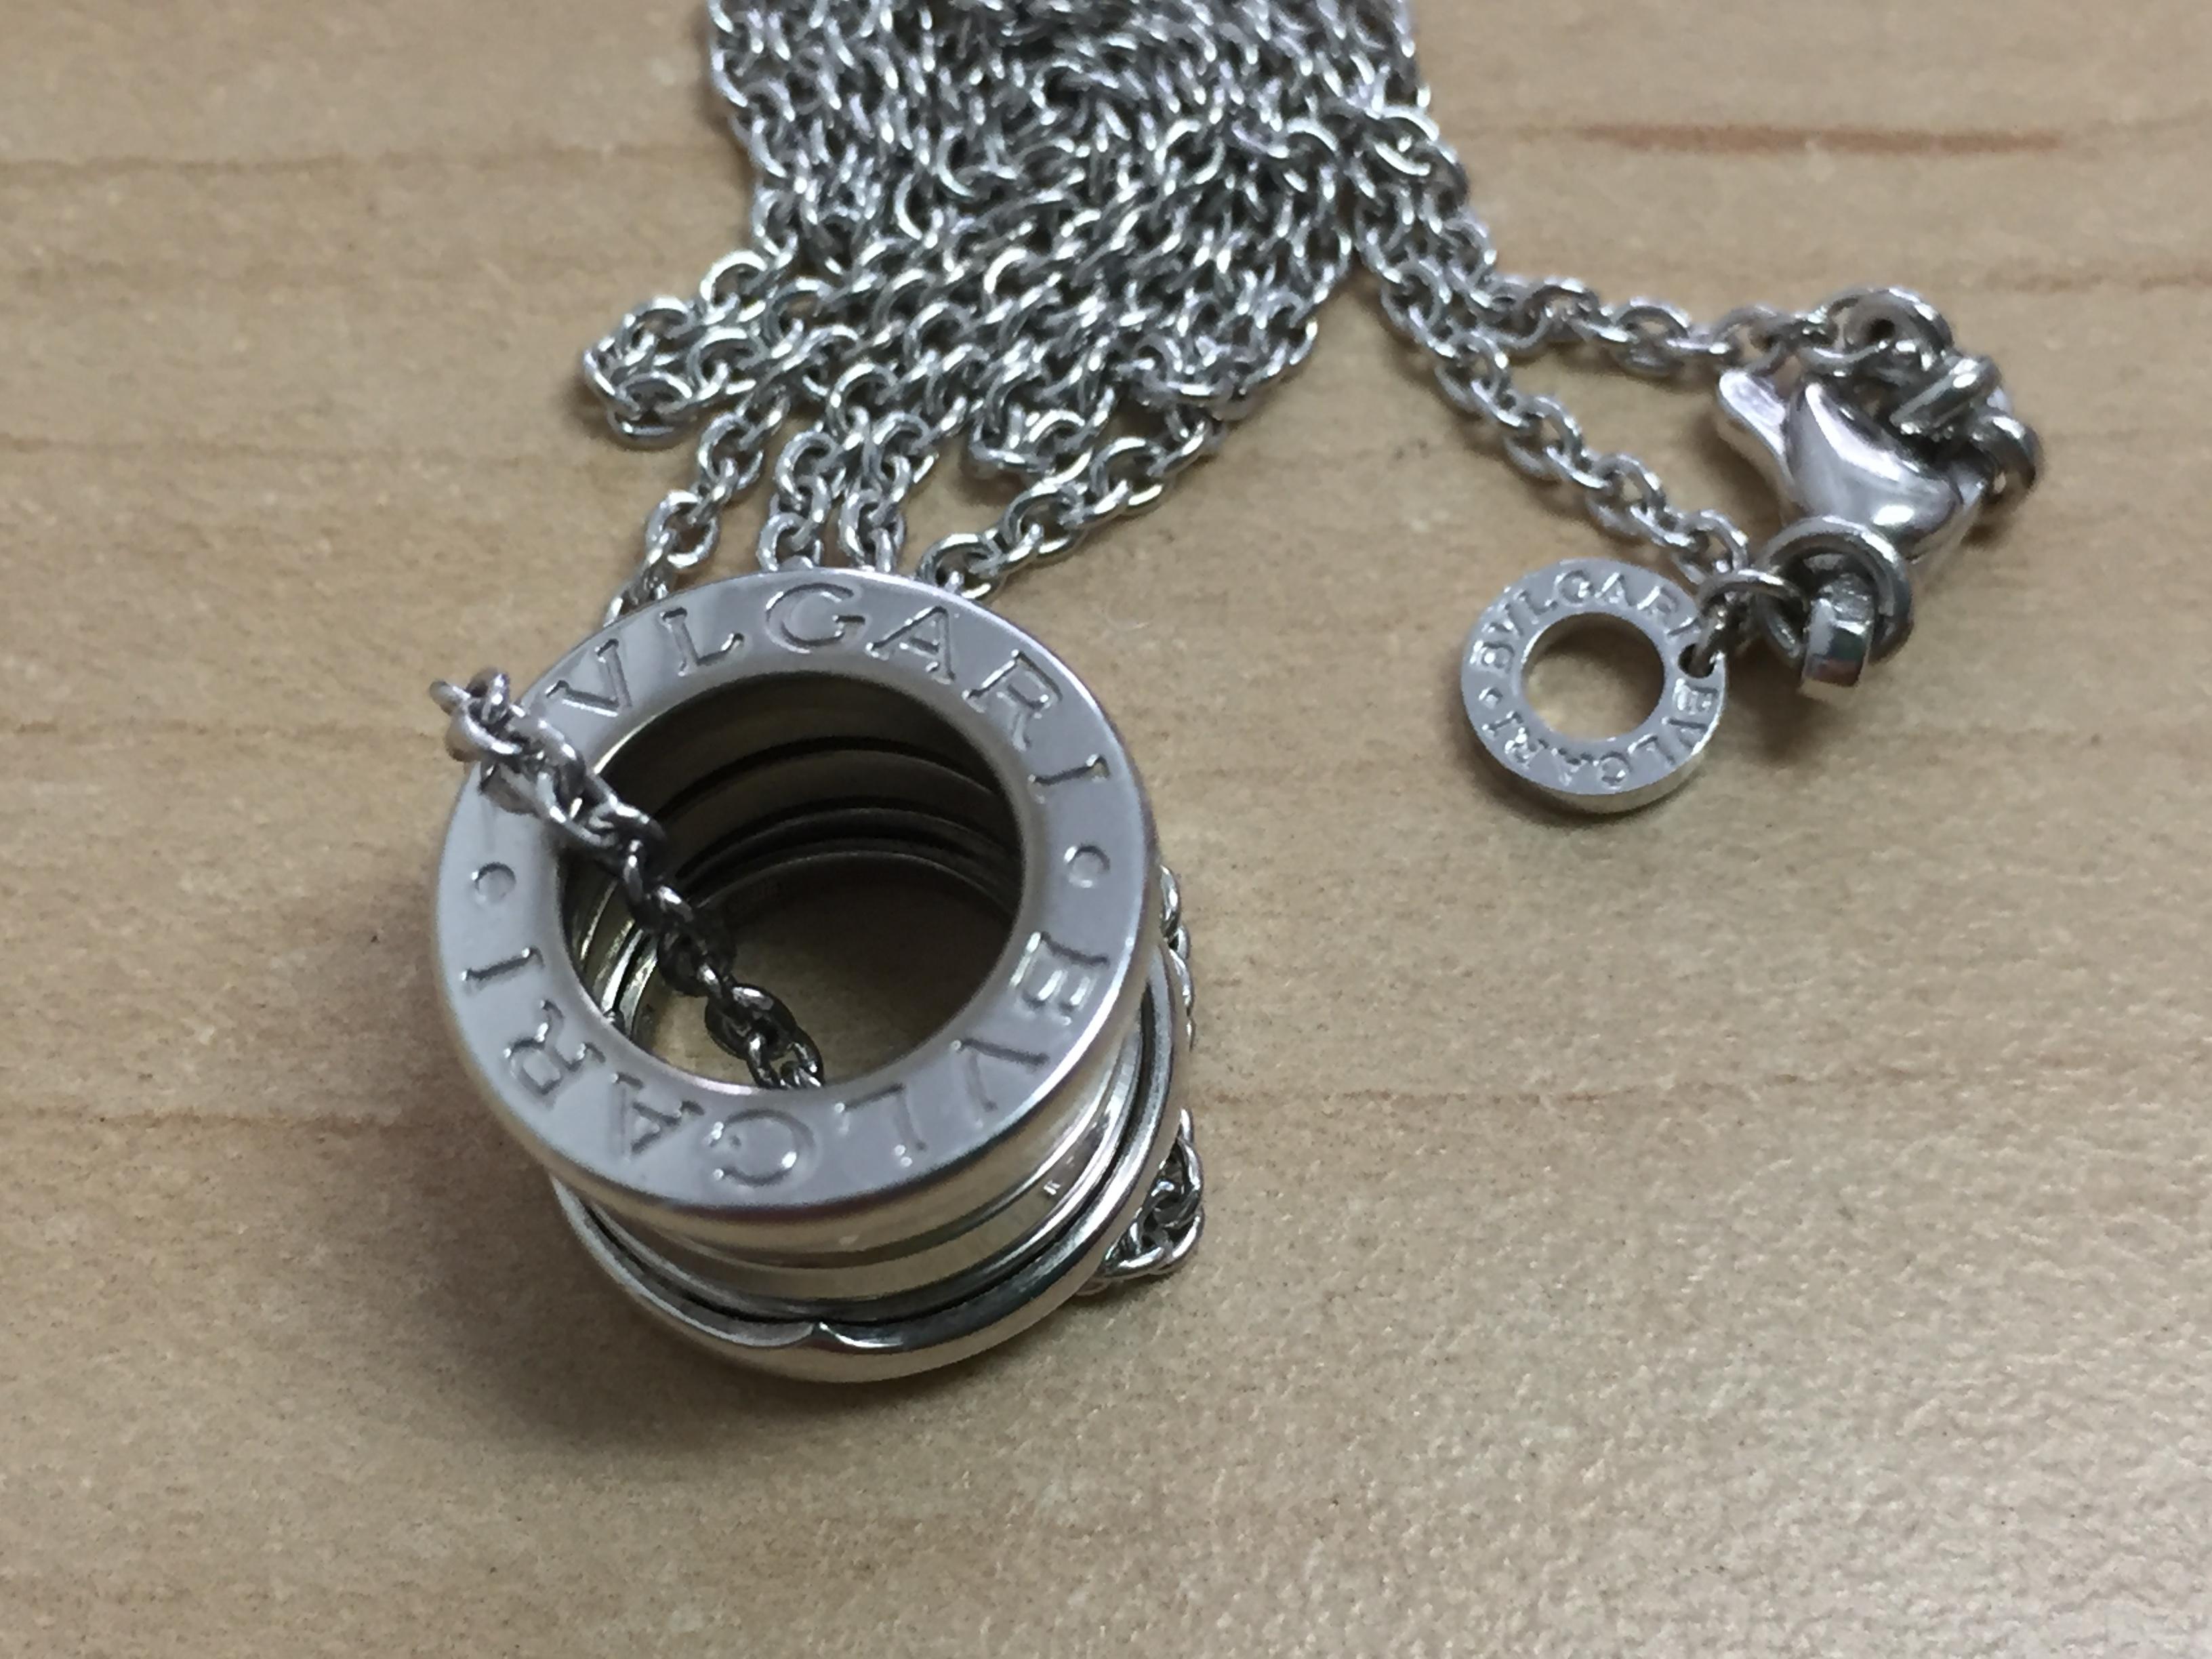 d6849d7bd819 BVLGARI ブルガリ の ビーゼロワン ネックレス を 買い取りました!